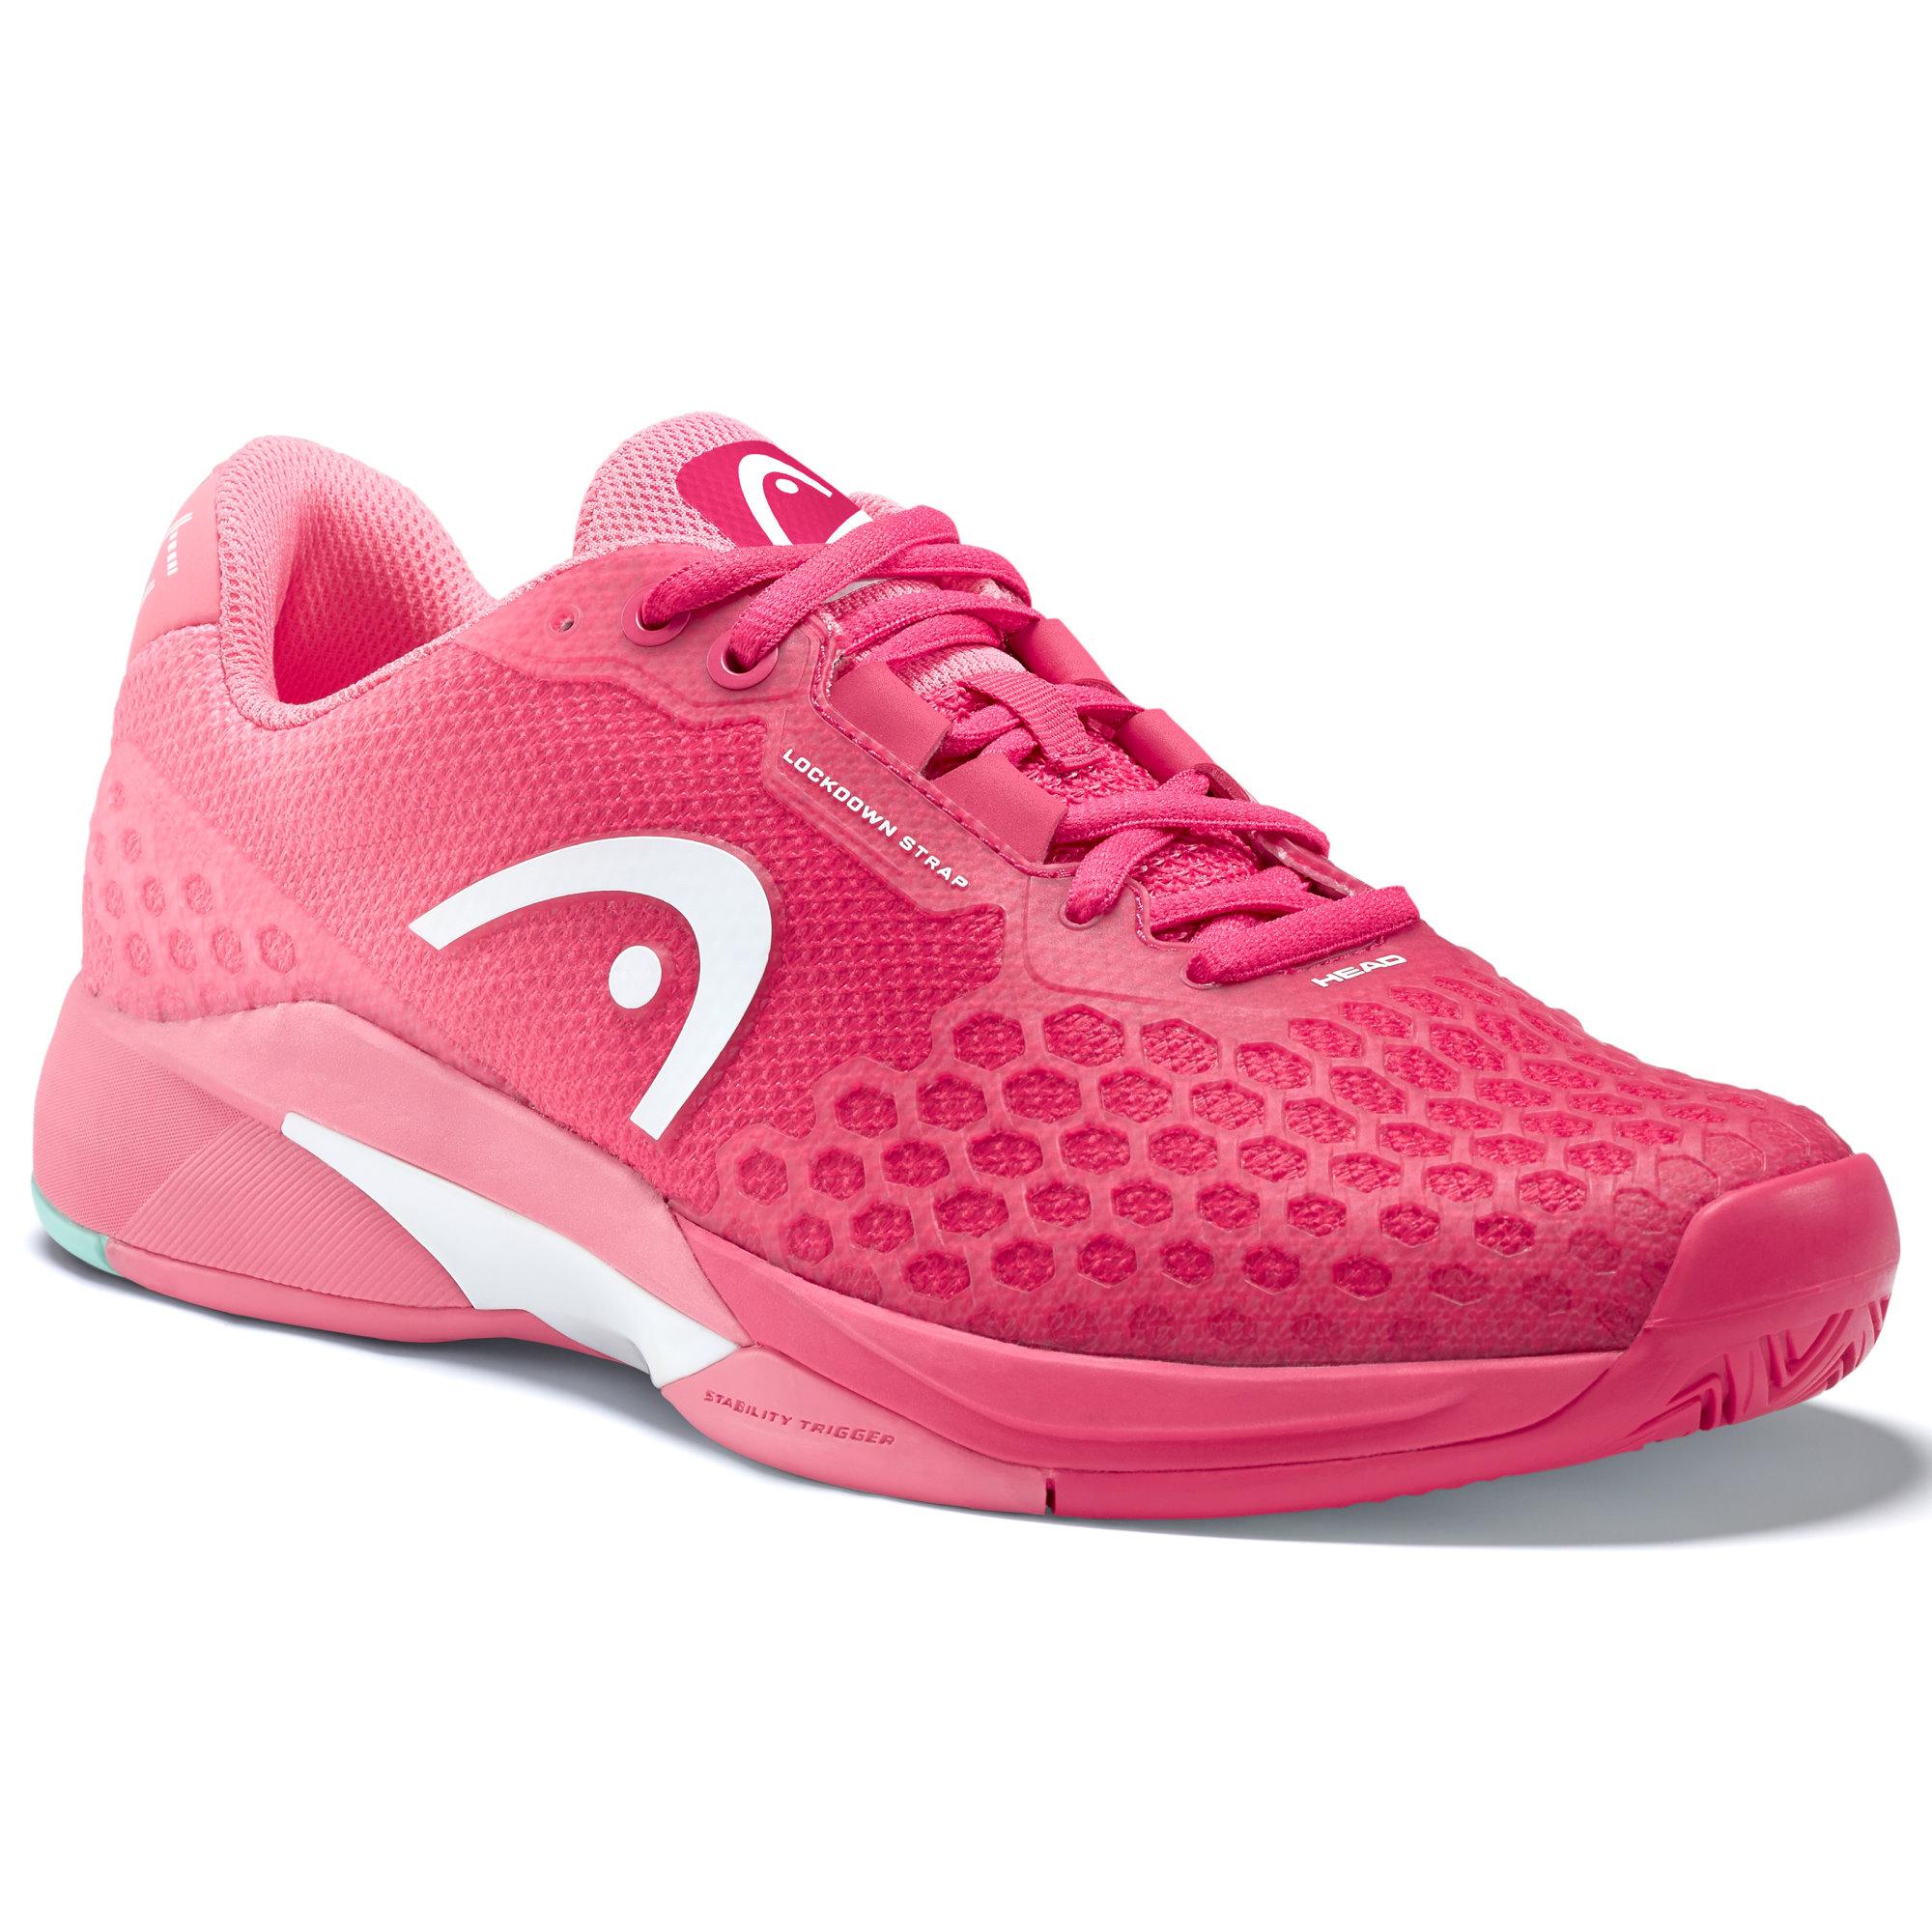 Head Revolt Pro 3.0 Magenta/Pink Women's Shoes